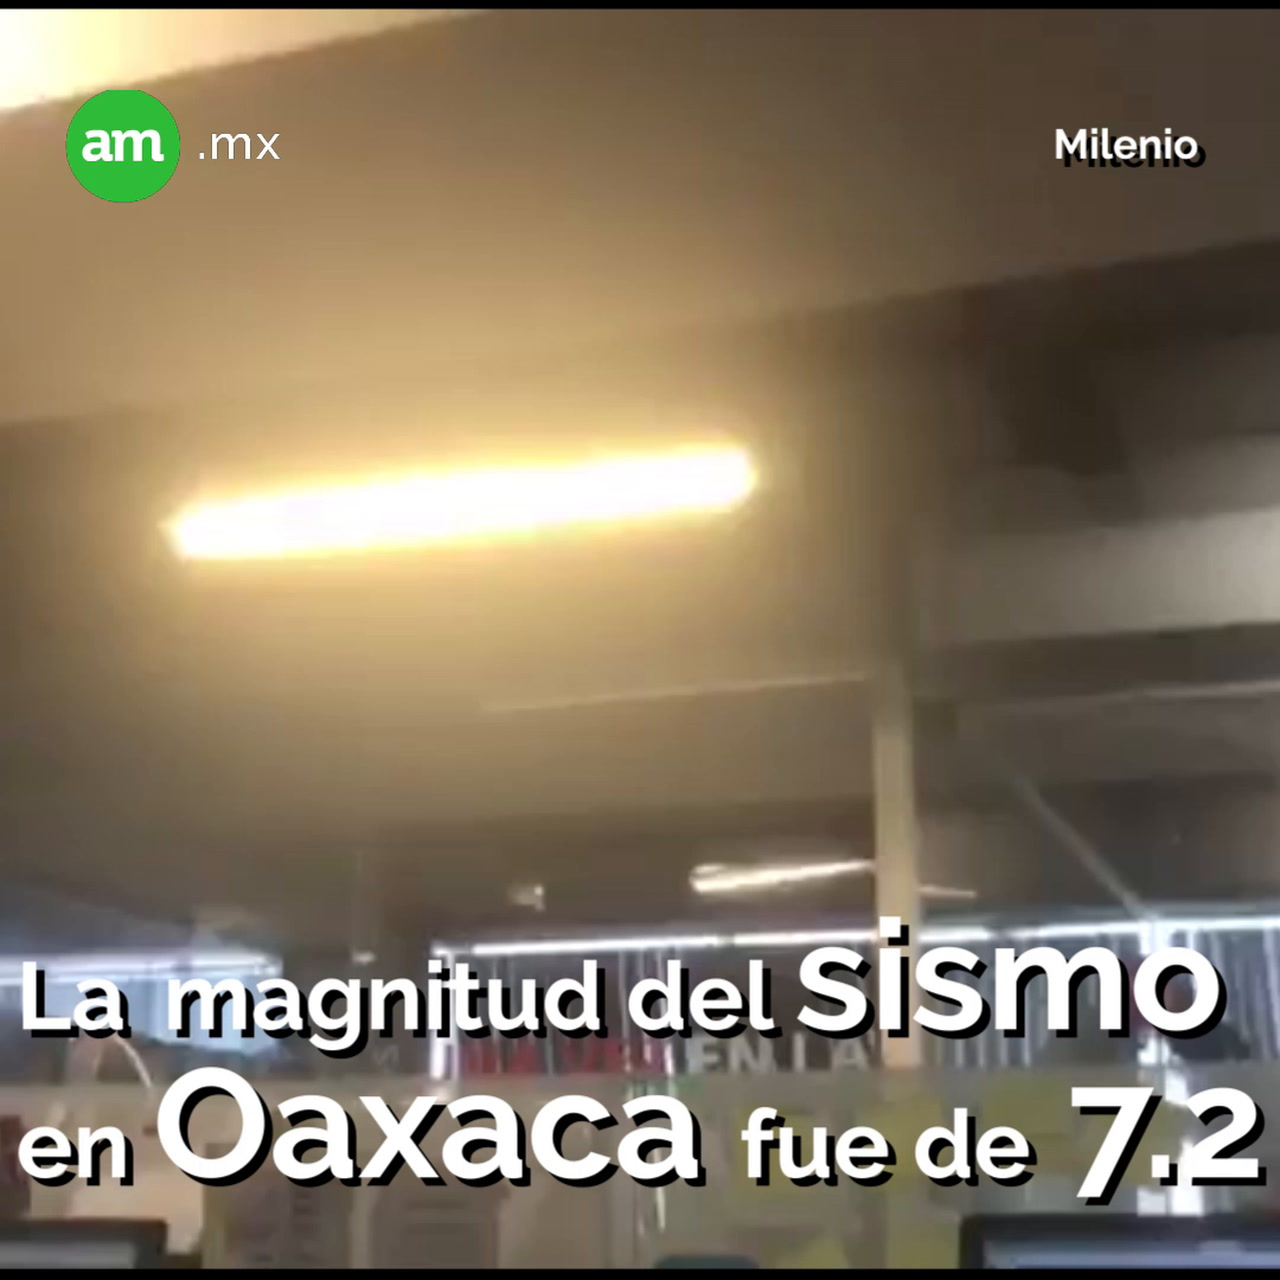 La magnitud del sismo en Oaxaca fue de 7.2